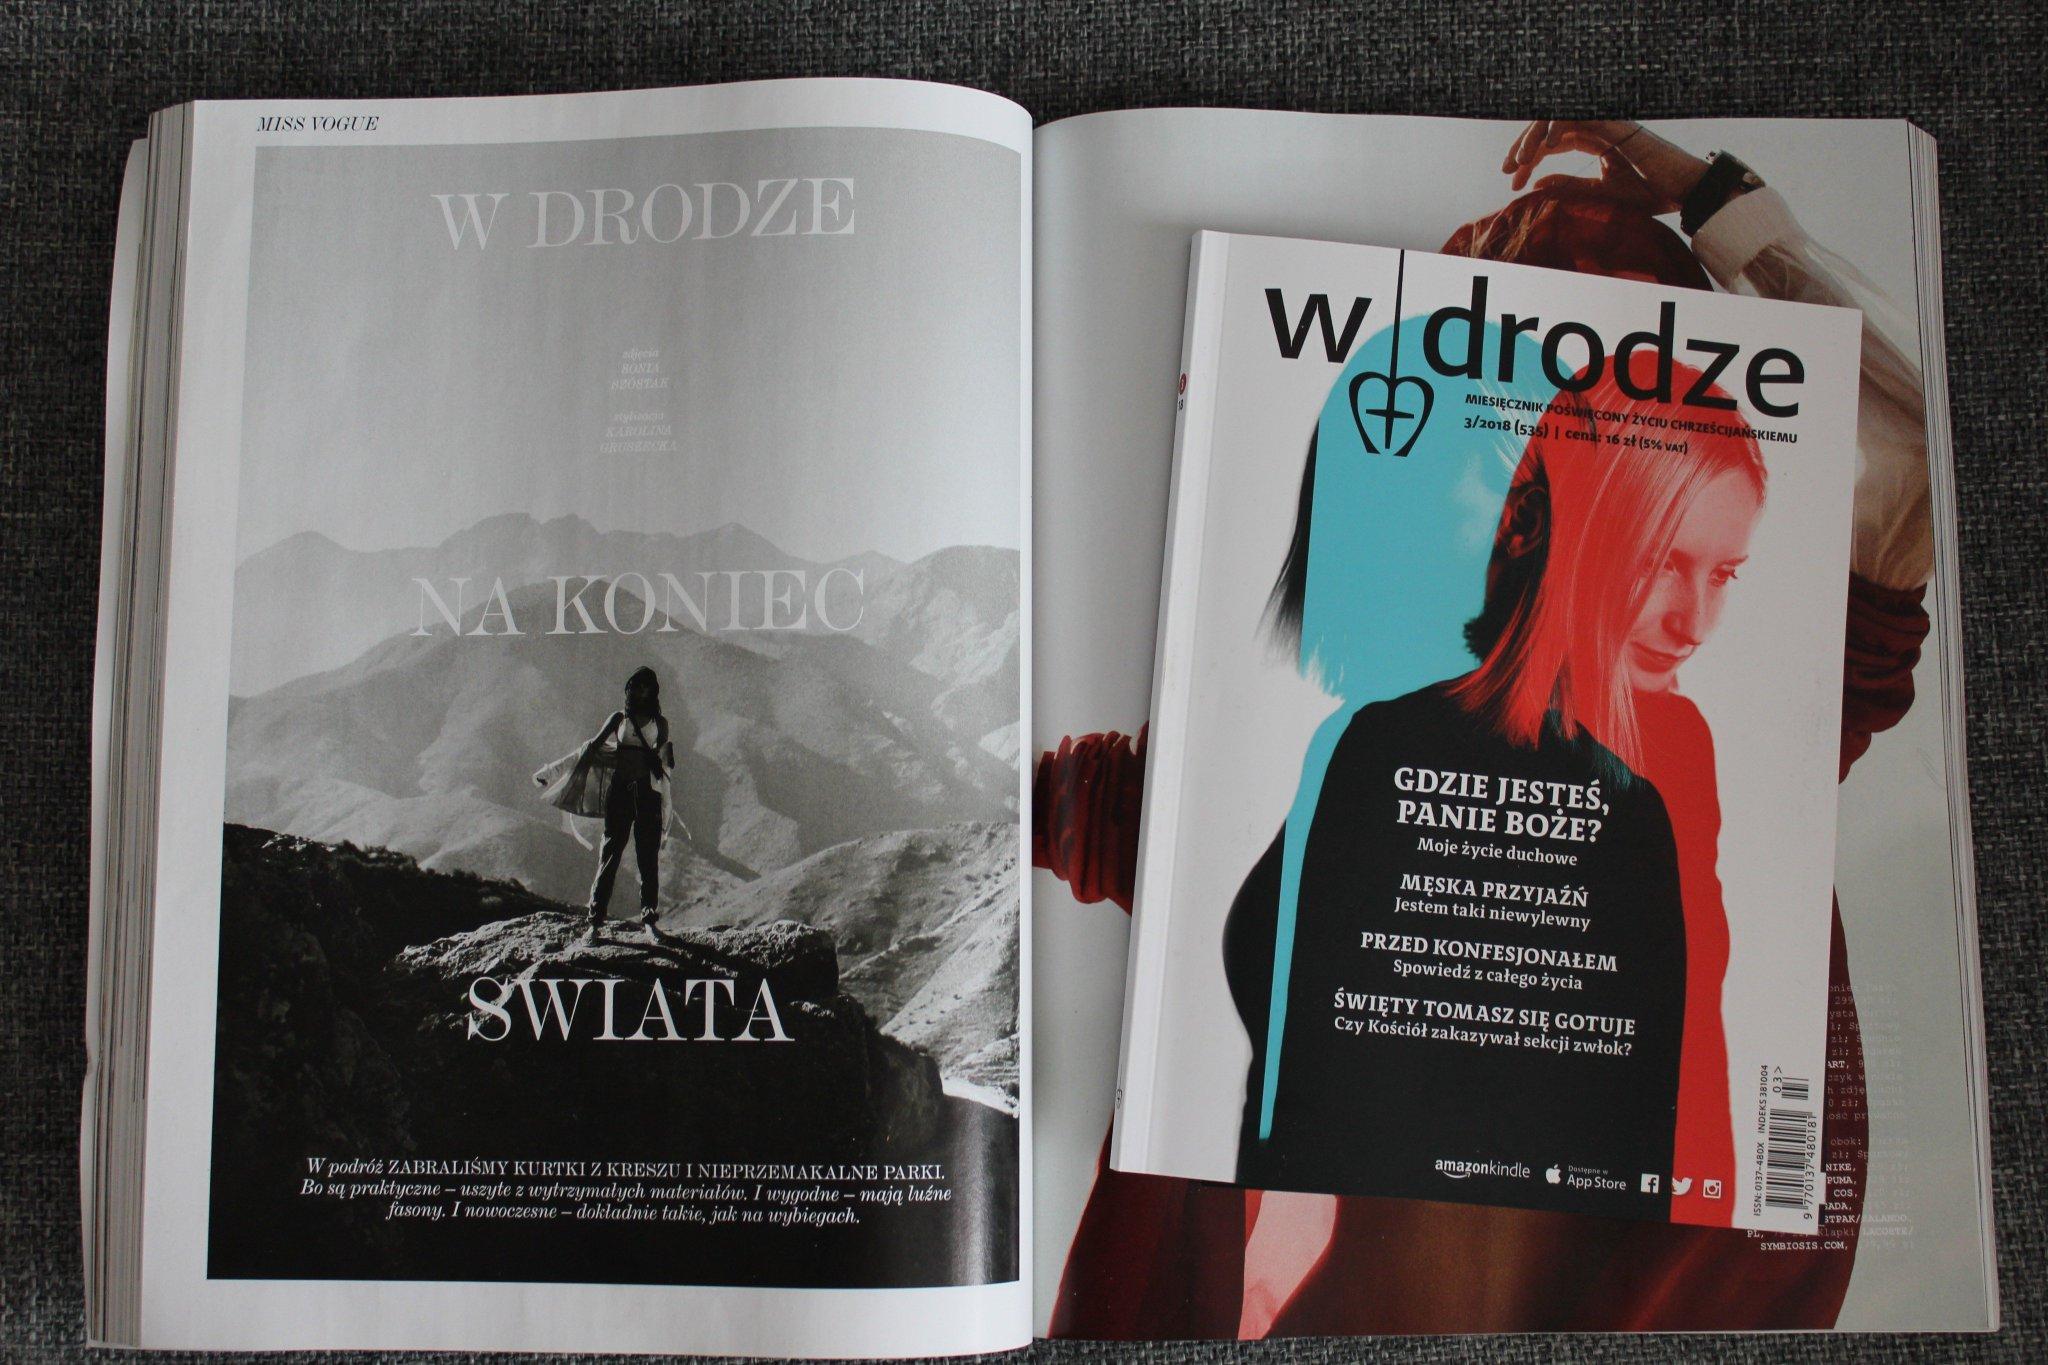 Miesiecznik W Drodze On Twitter Redakcji Vogue Polska